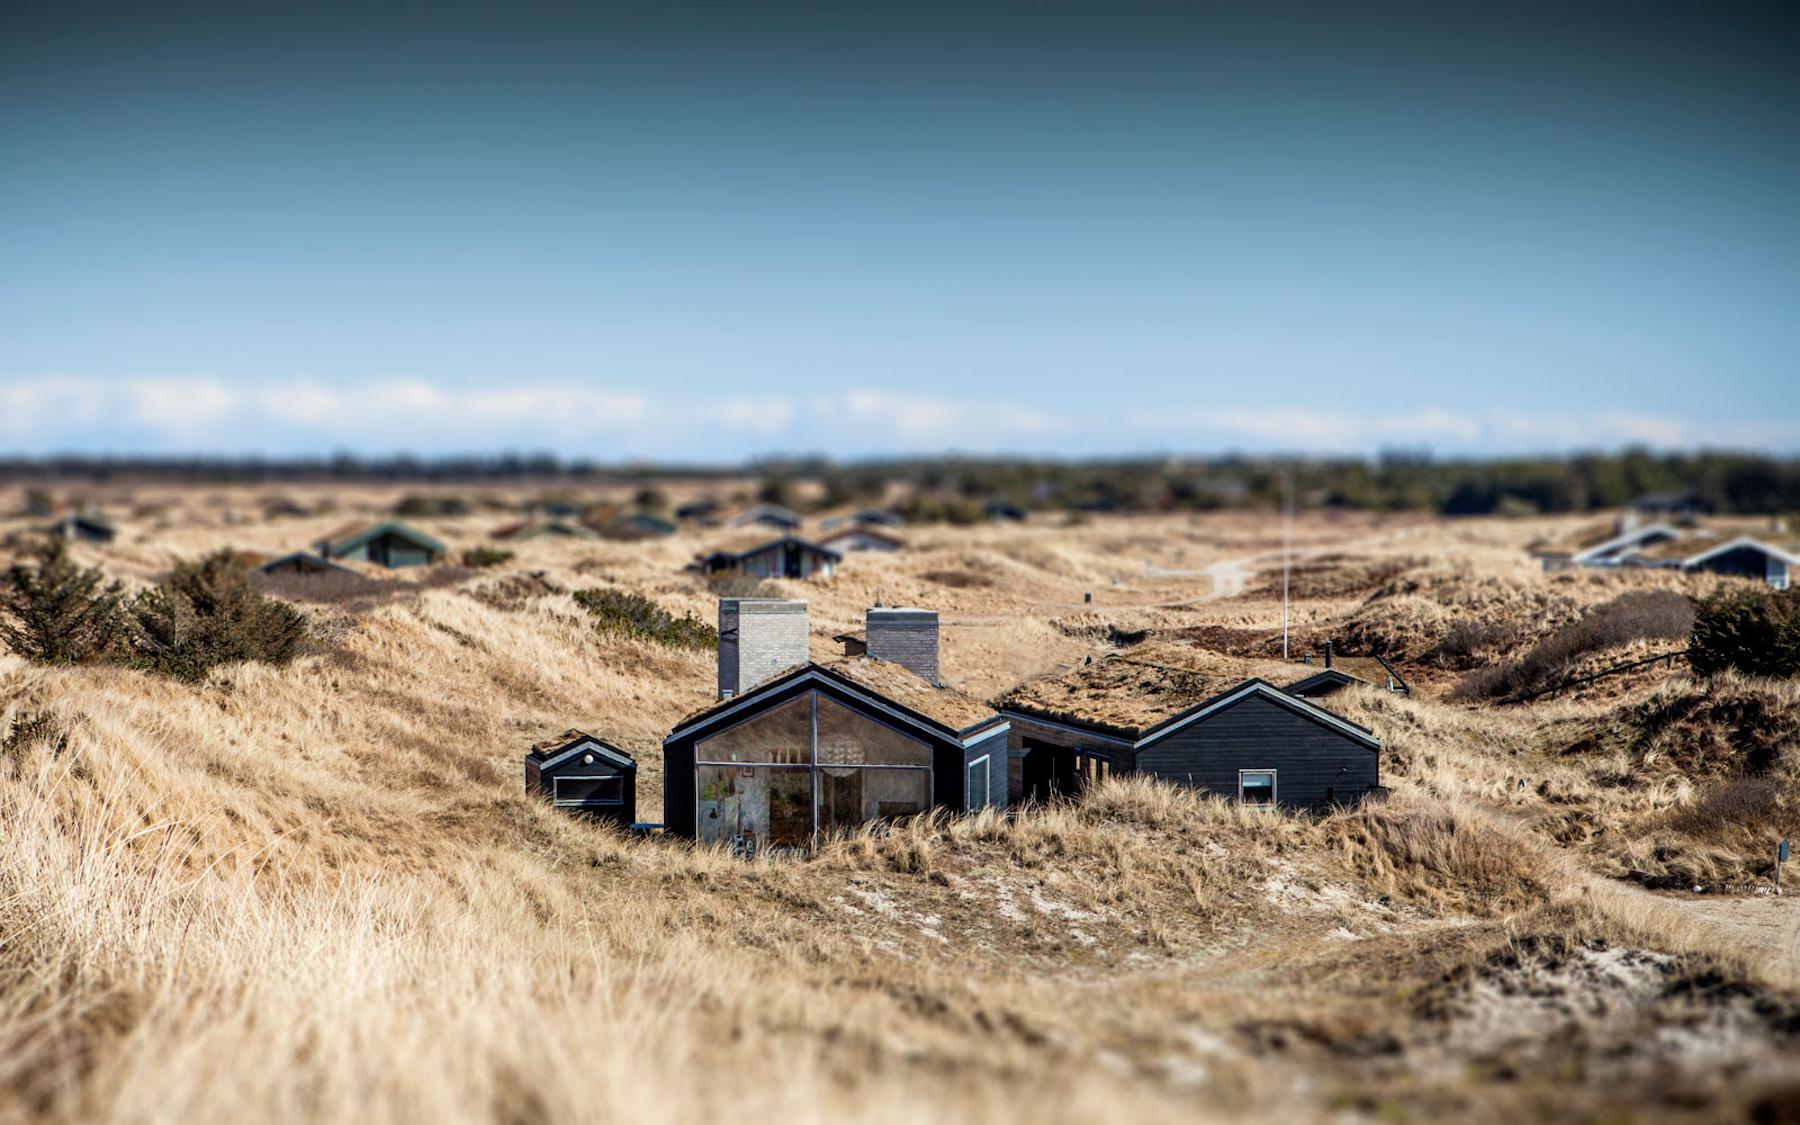 Sommerhus. Landscape architecture by Kassow Arkitekter in Denmark. Image Courtesy of Kassow Arkitekter